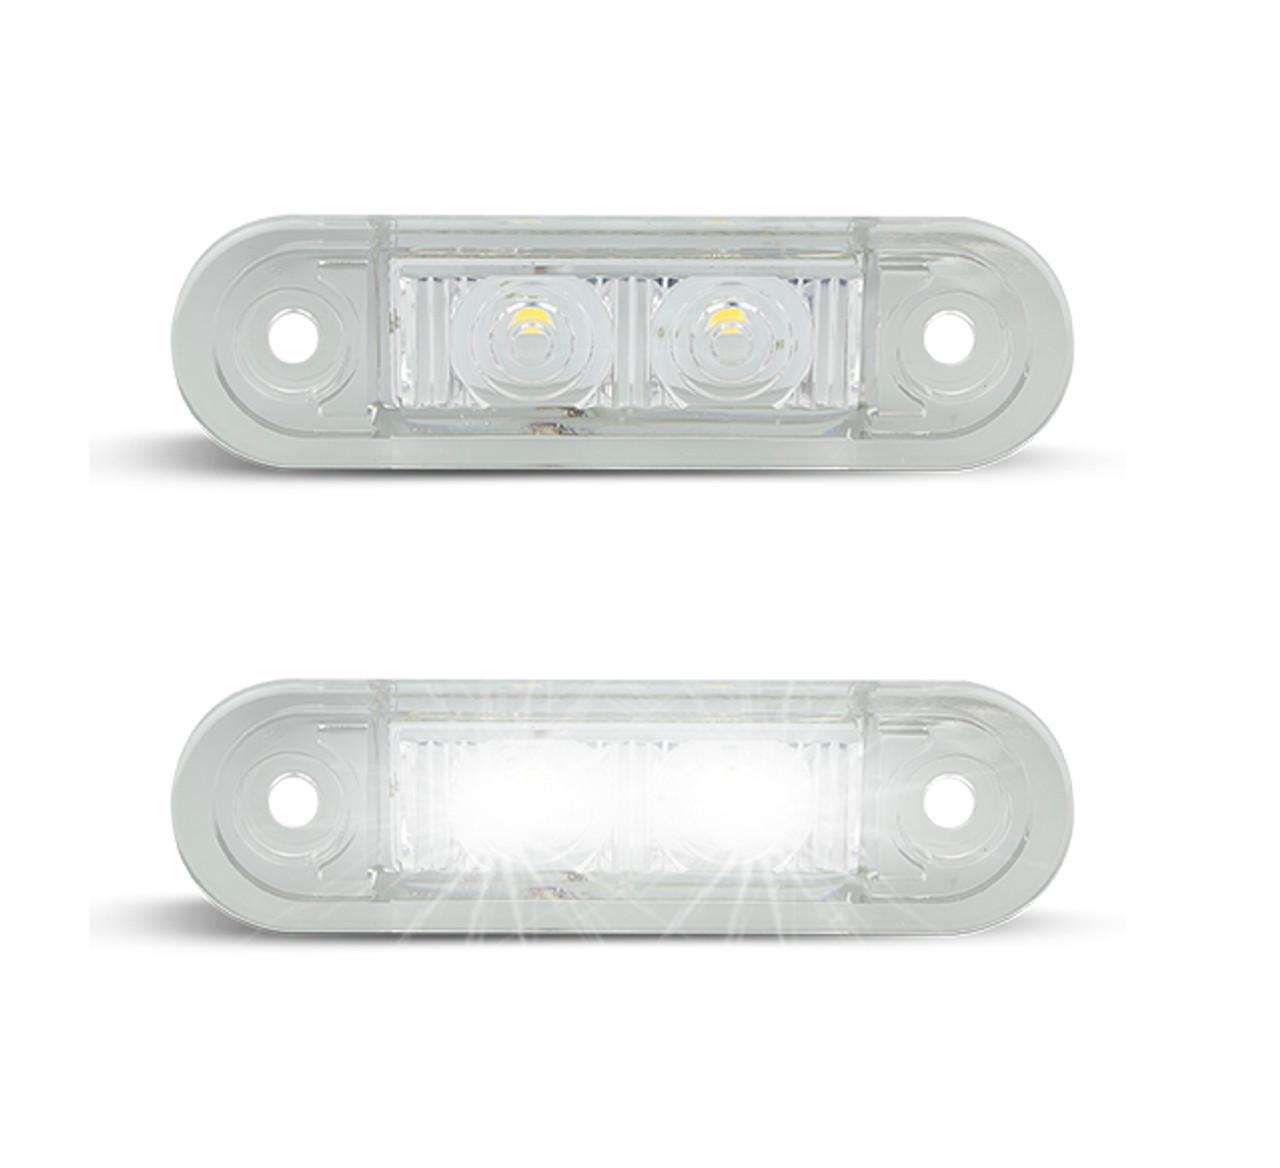 7922WM2 - White Front Marker LED Light Multi-Volt 12v & 24v. Flush Mount Twin Pack Clear Lens & White LED. LED Auto Lamps.  Ultimate LED.